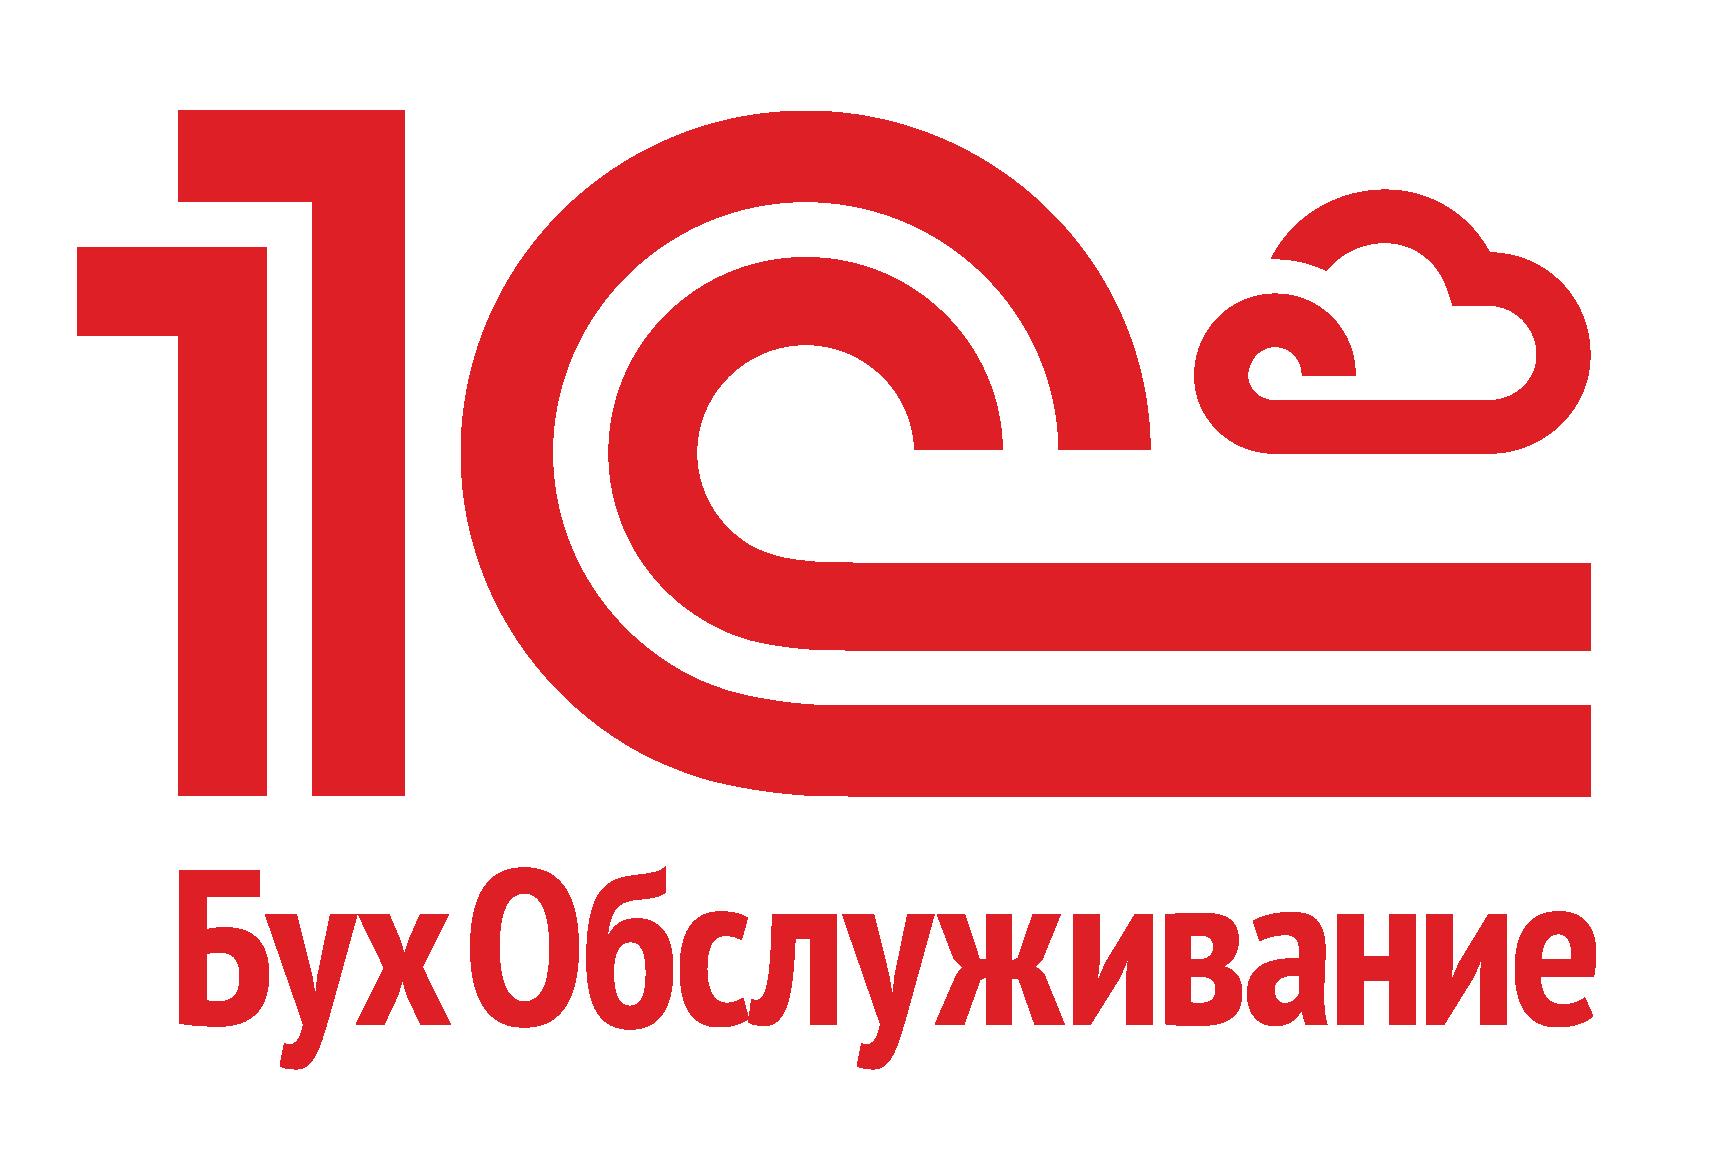 установка 1с 8.3 инструкция на linux